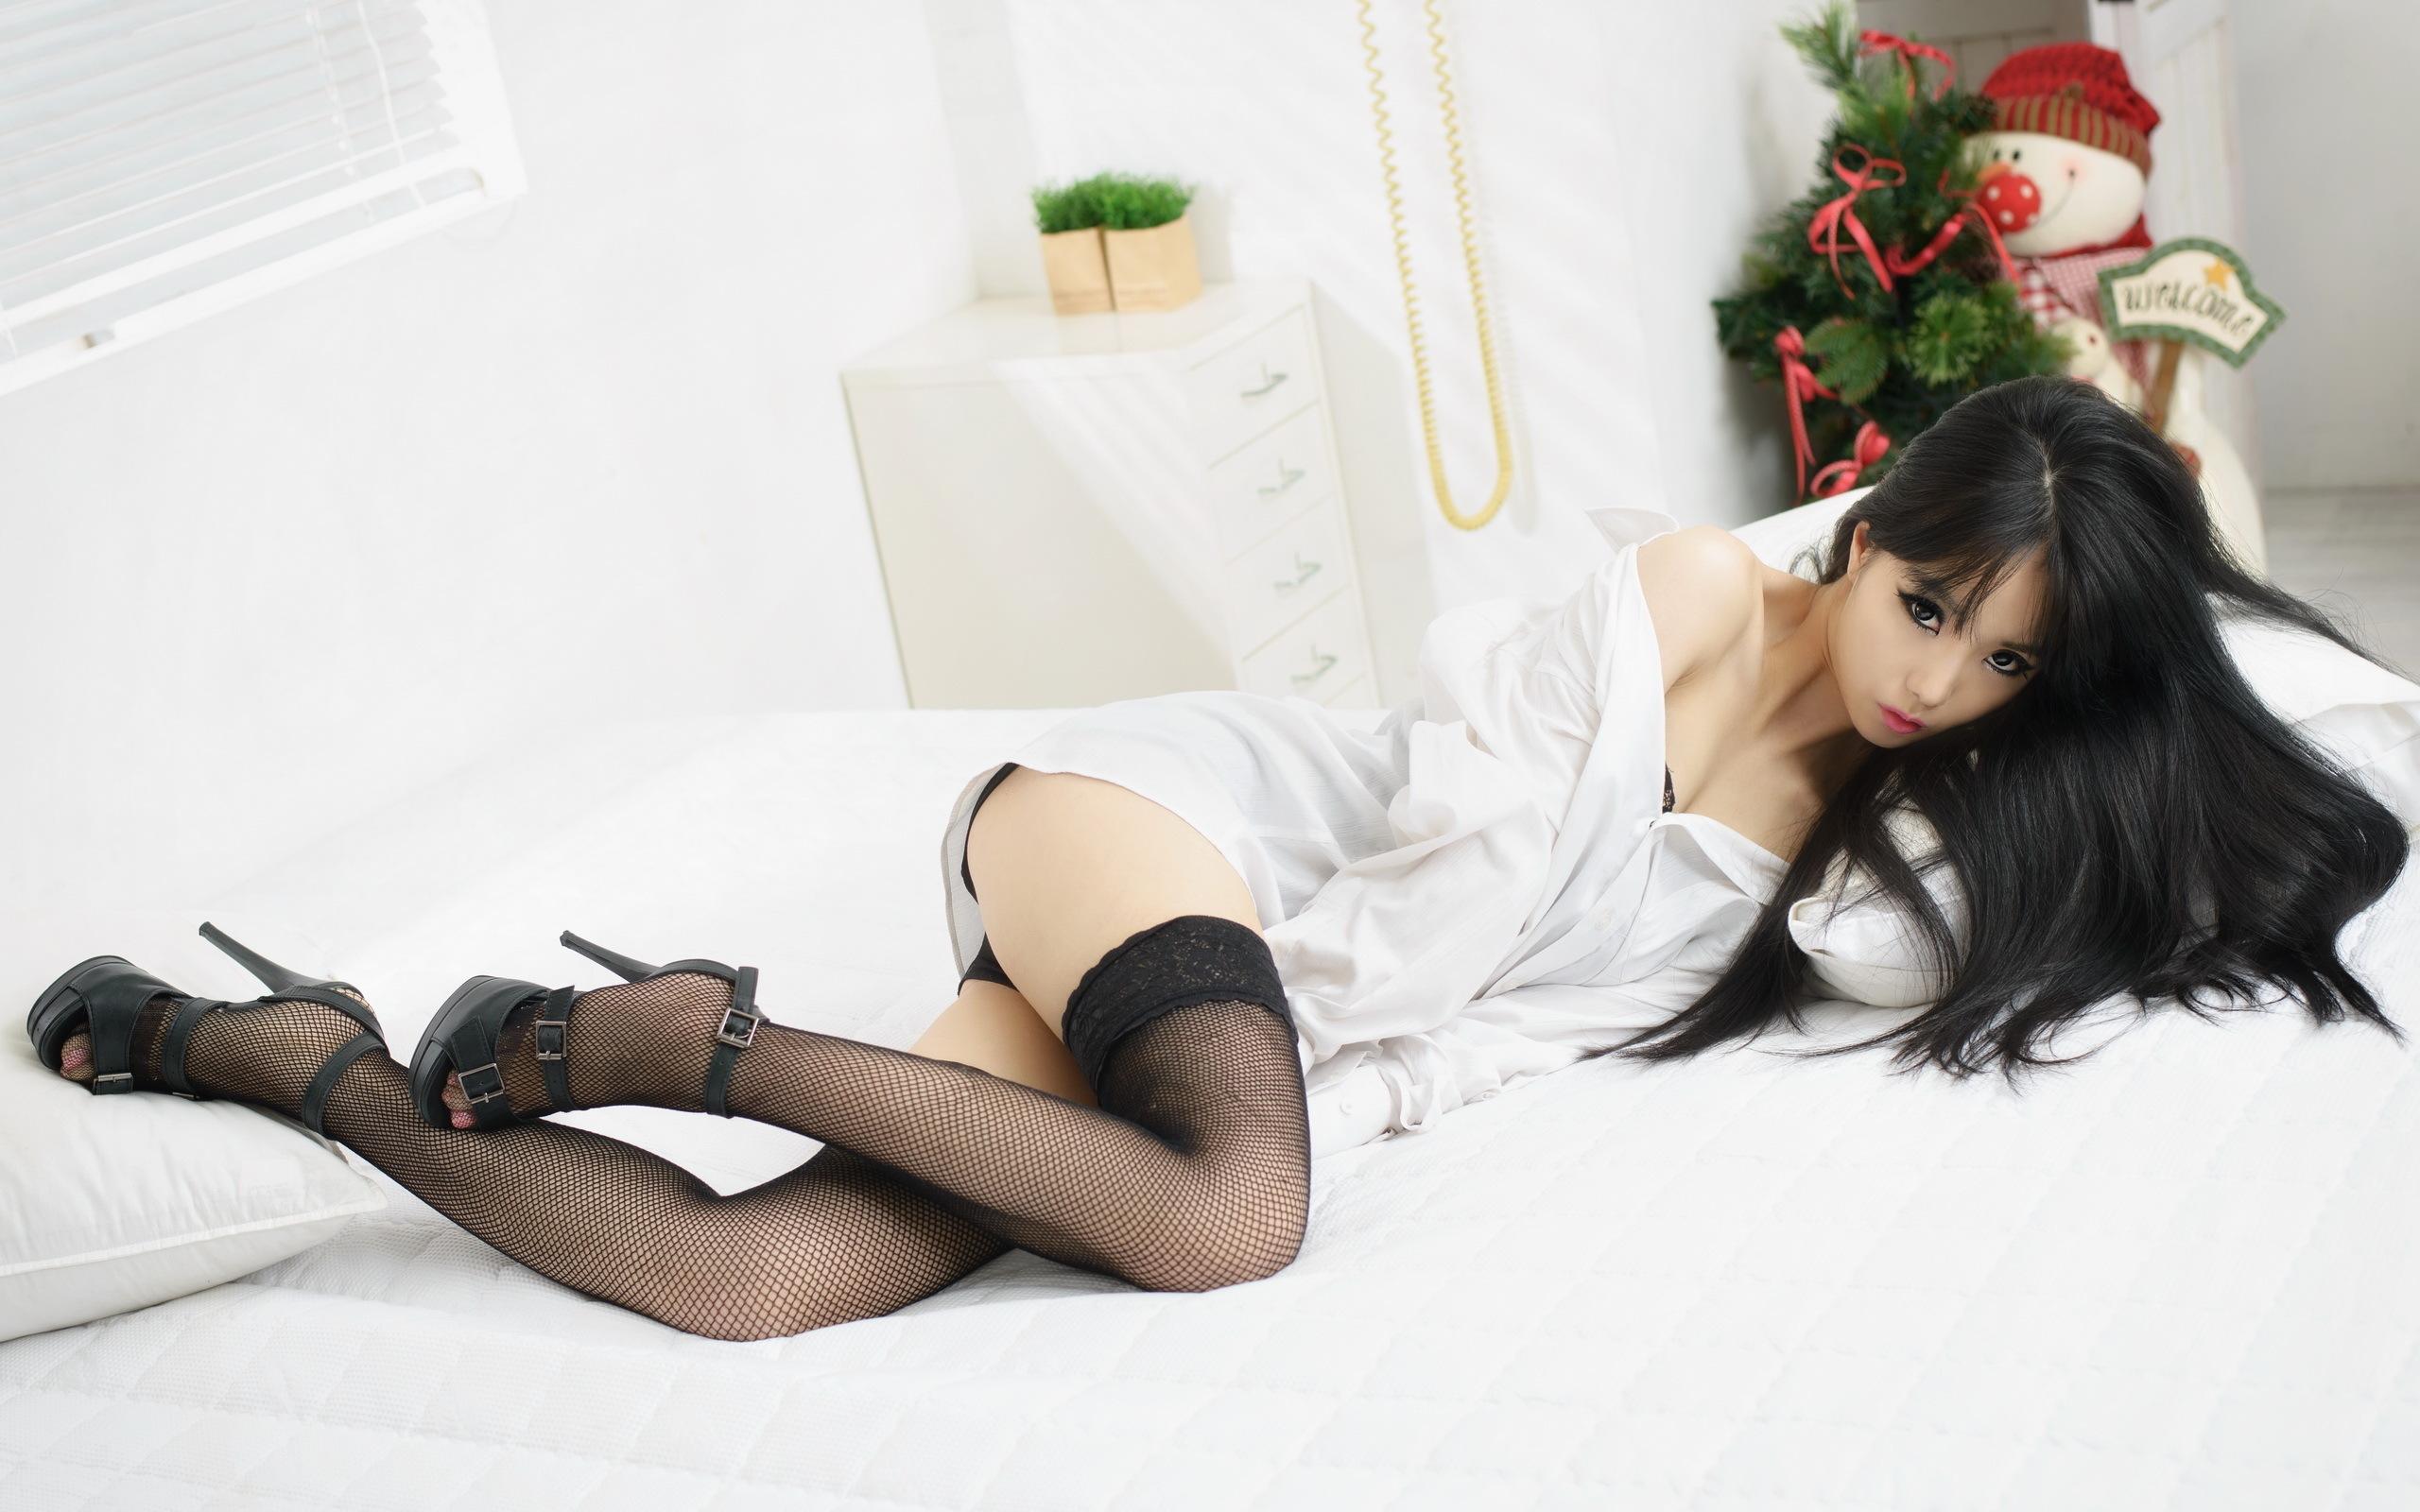 Порно инцест, секс брата с сестрой, сына с матерью online на 1porno.top